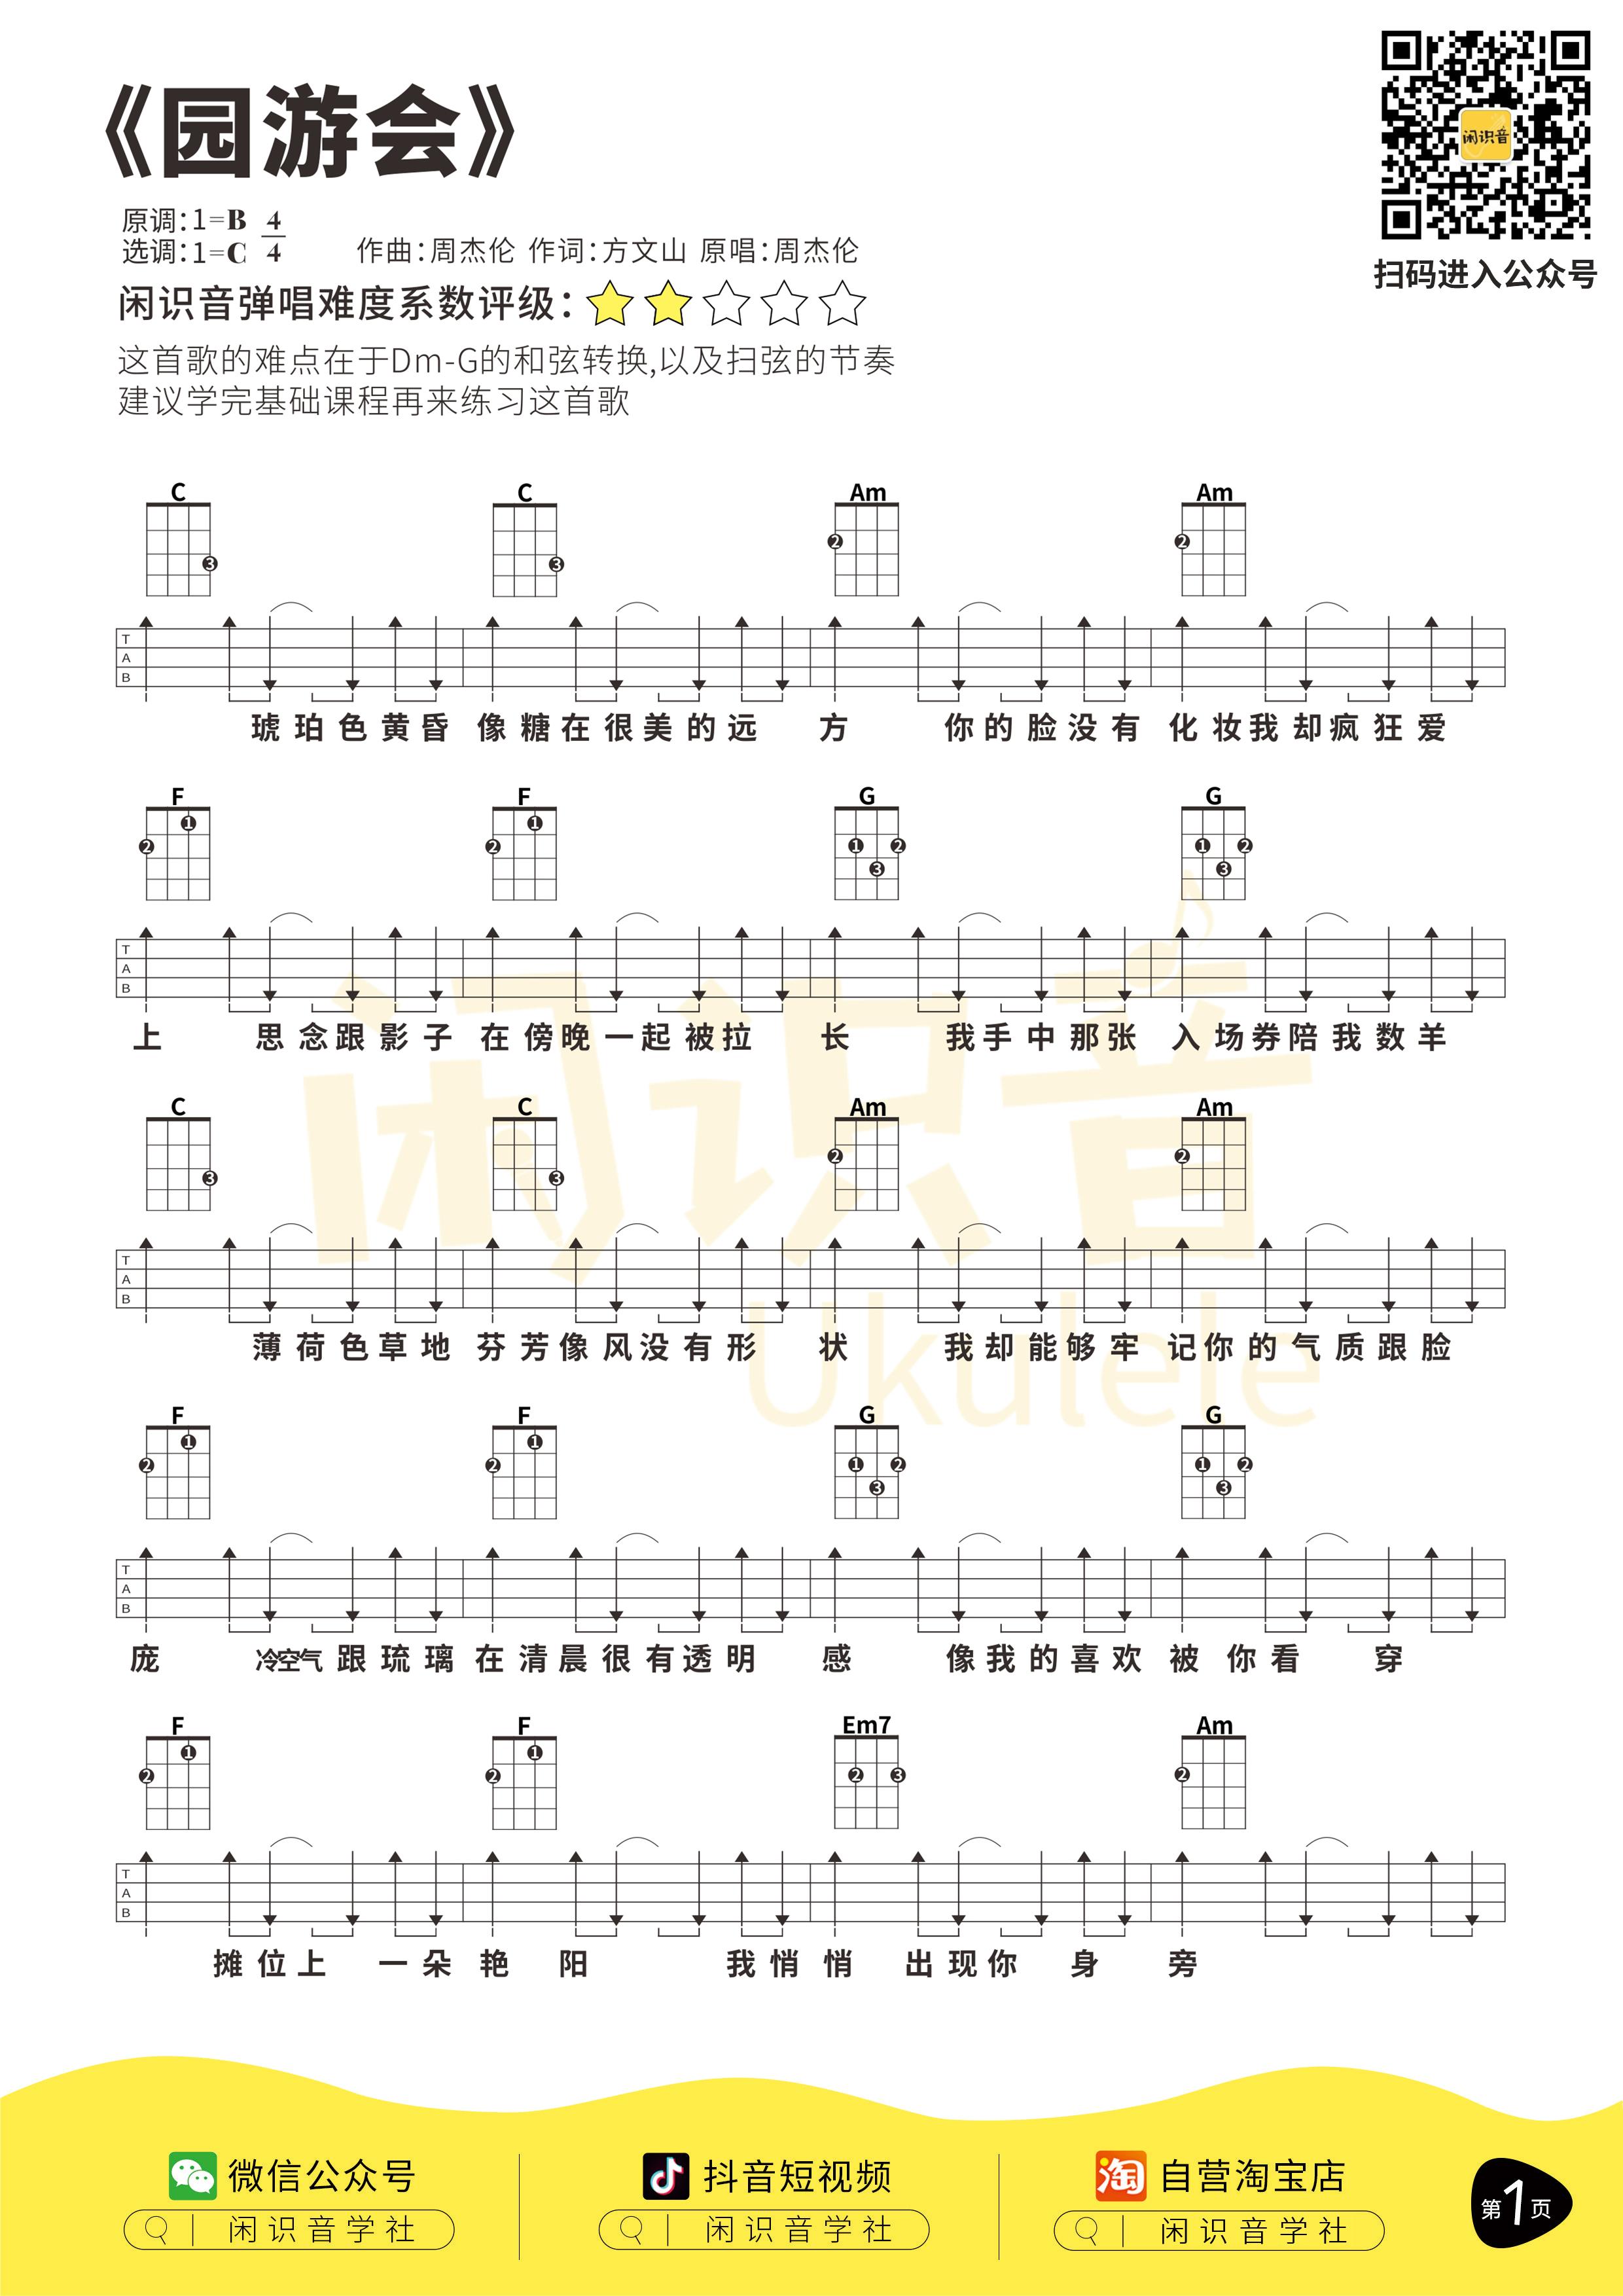 闲识音学社《园游会》尤克里里谱-1